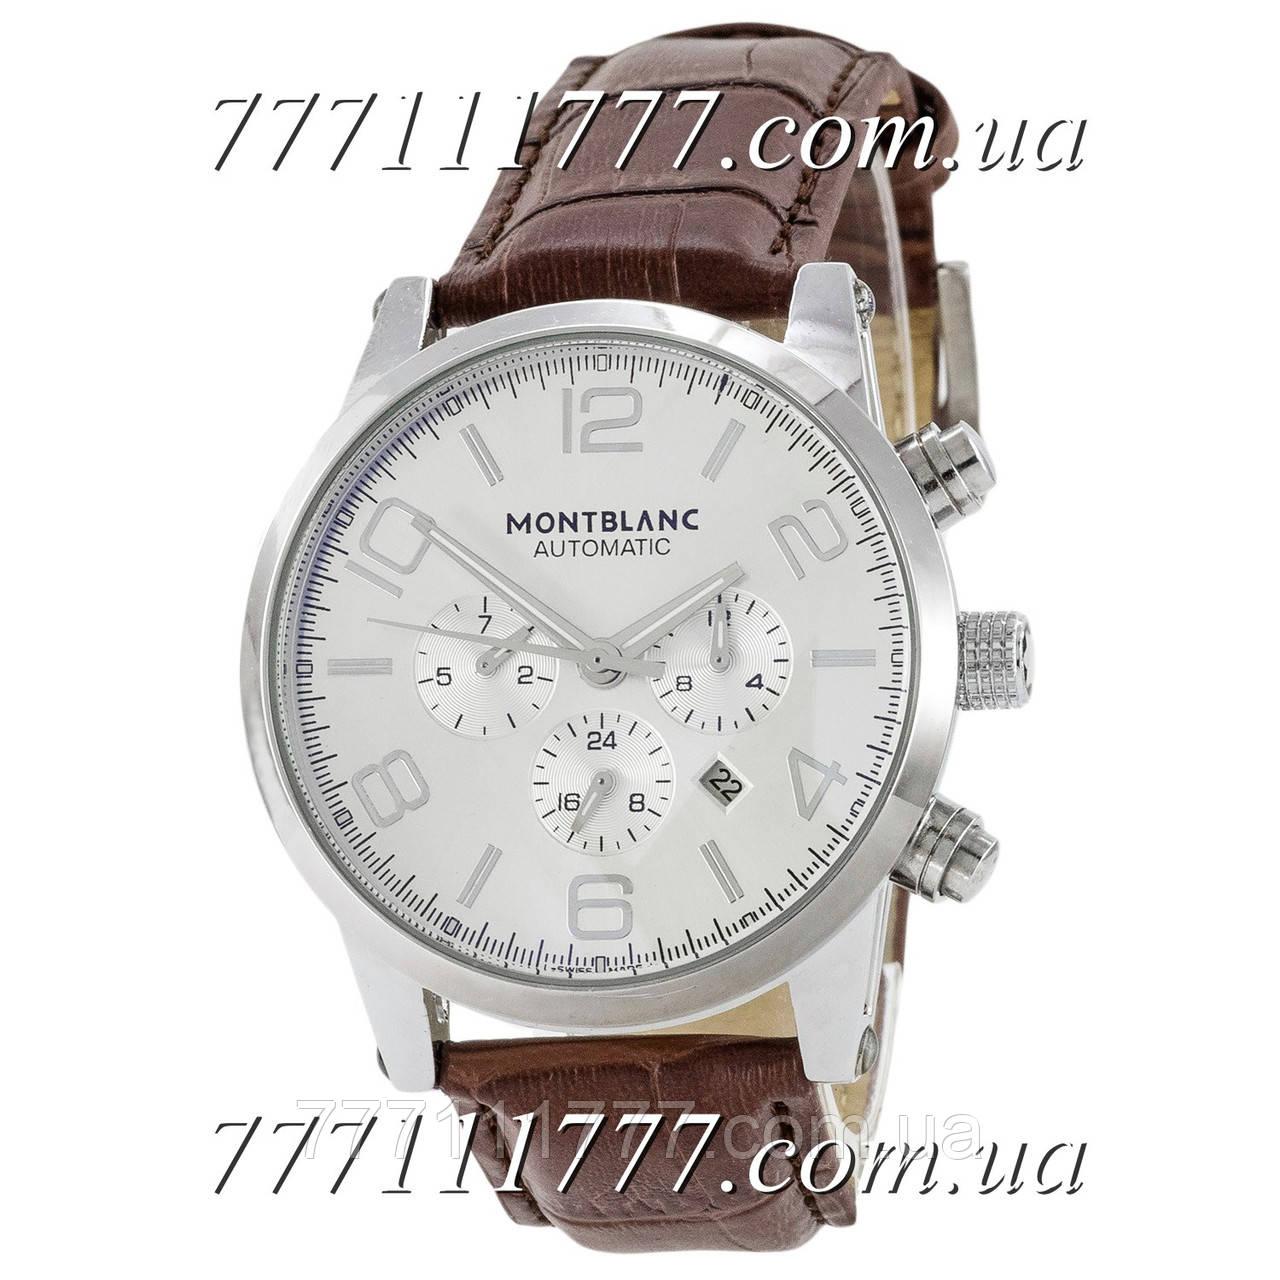 Часы наручные мужские монблан часы наручные касио с будильником